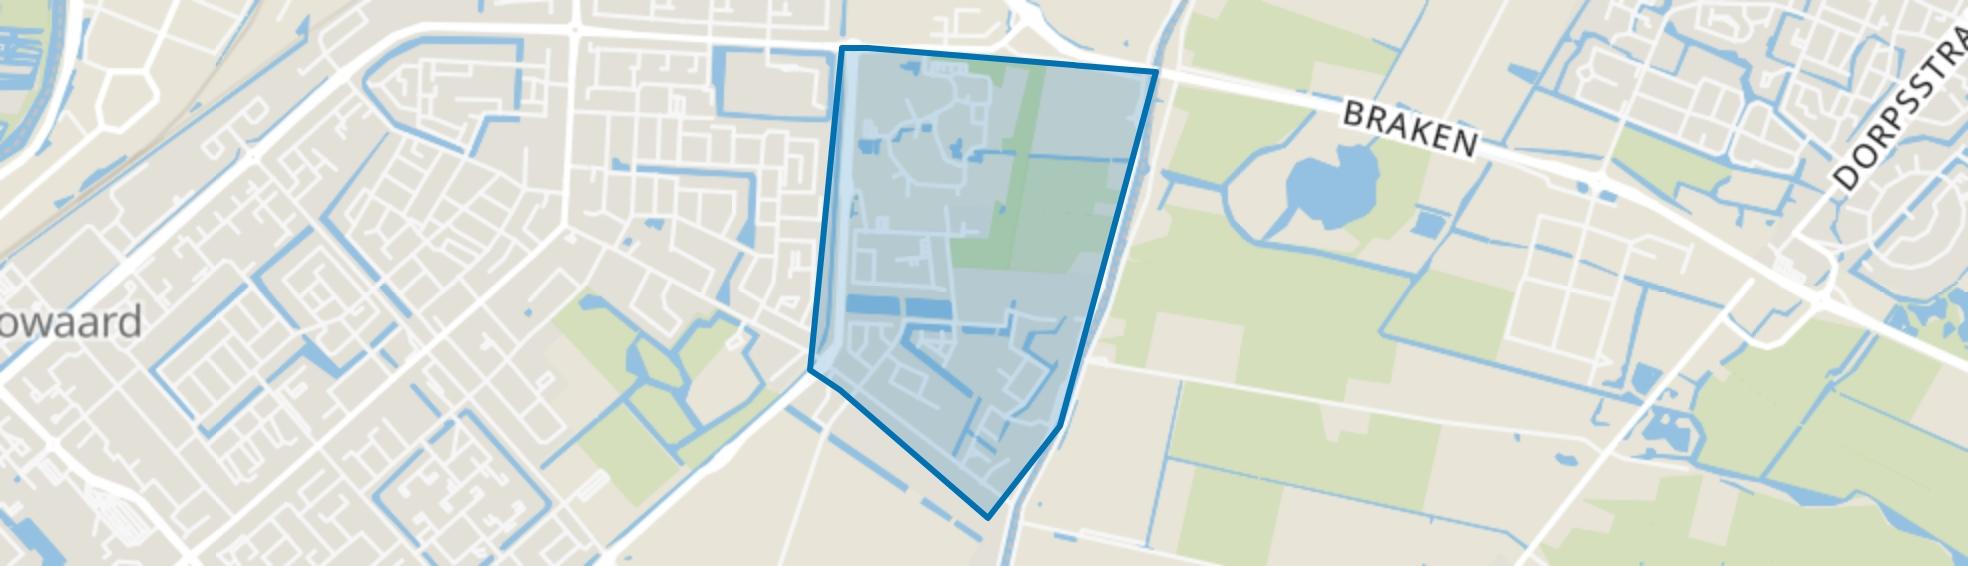 De Draai Midden, Heerhugowaard map